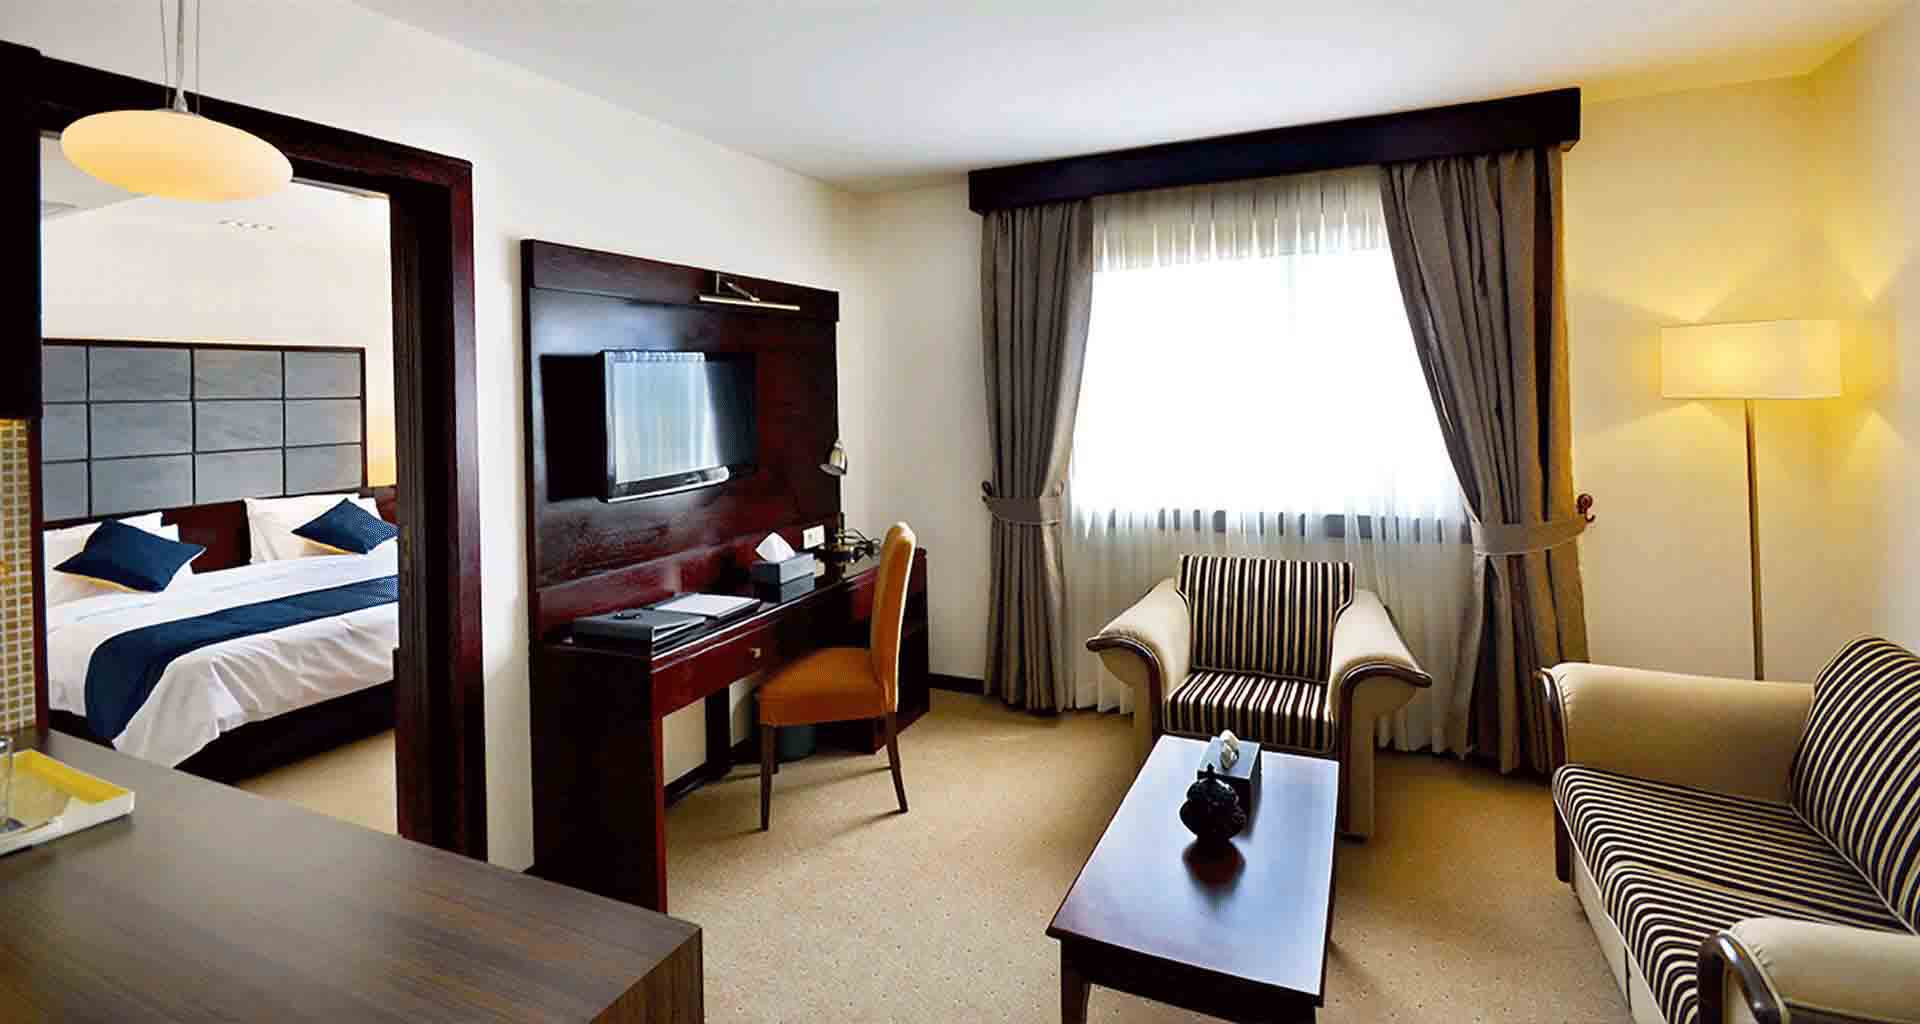 تجربه یک اقامت لوکس در بهترین هتل شیراز